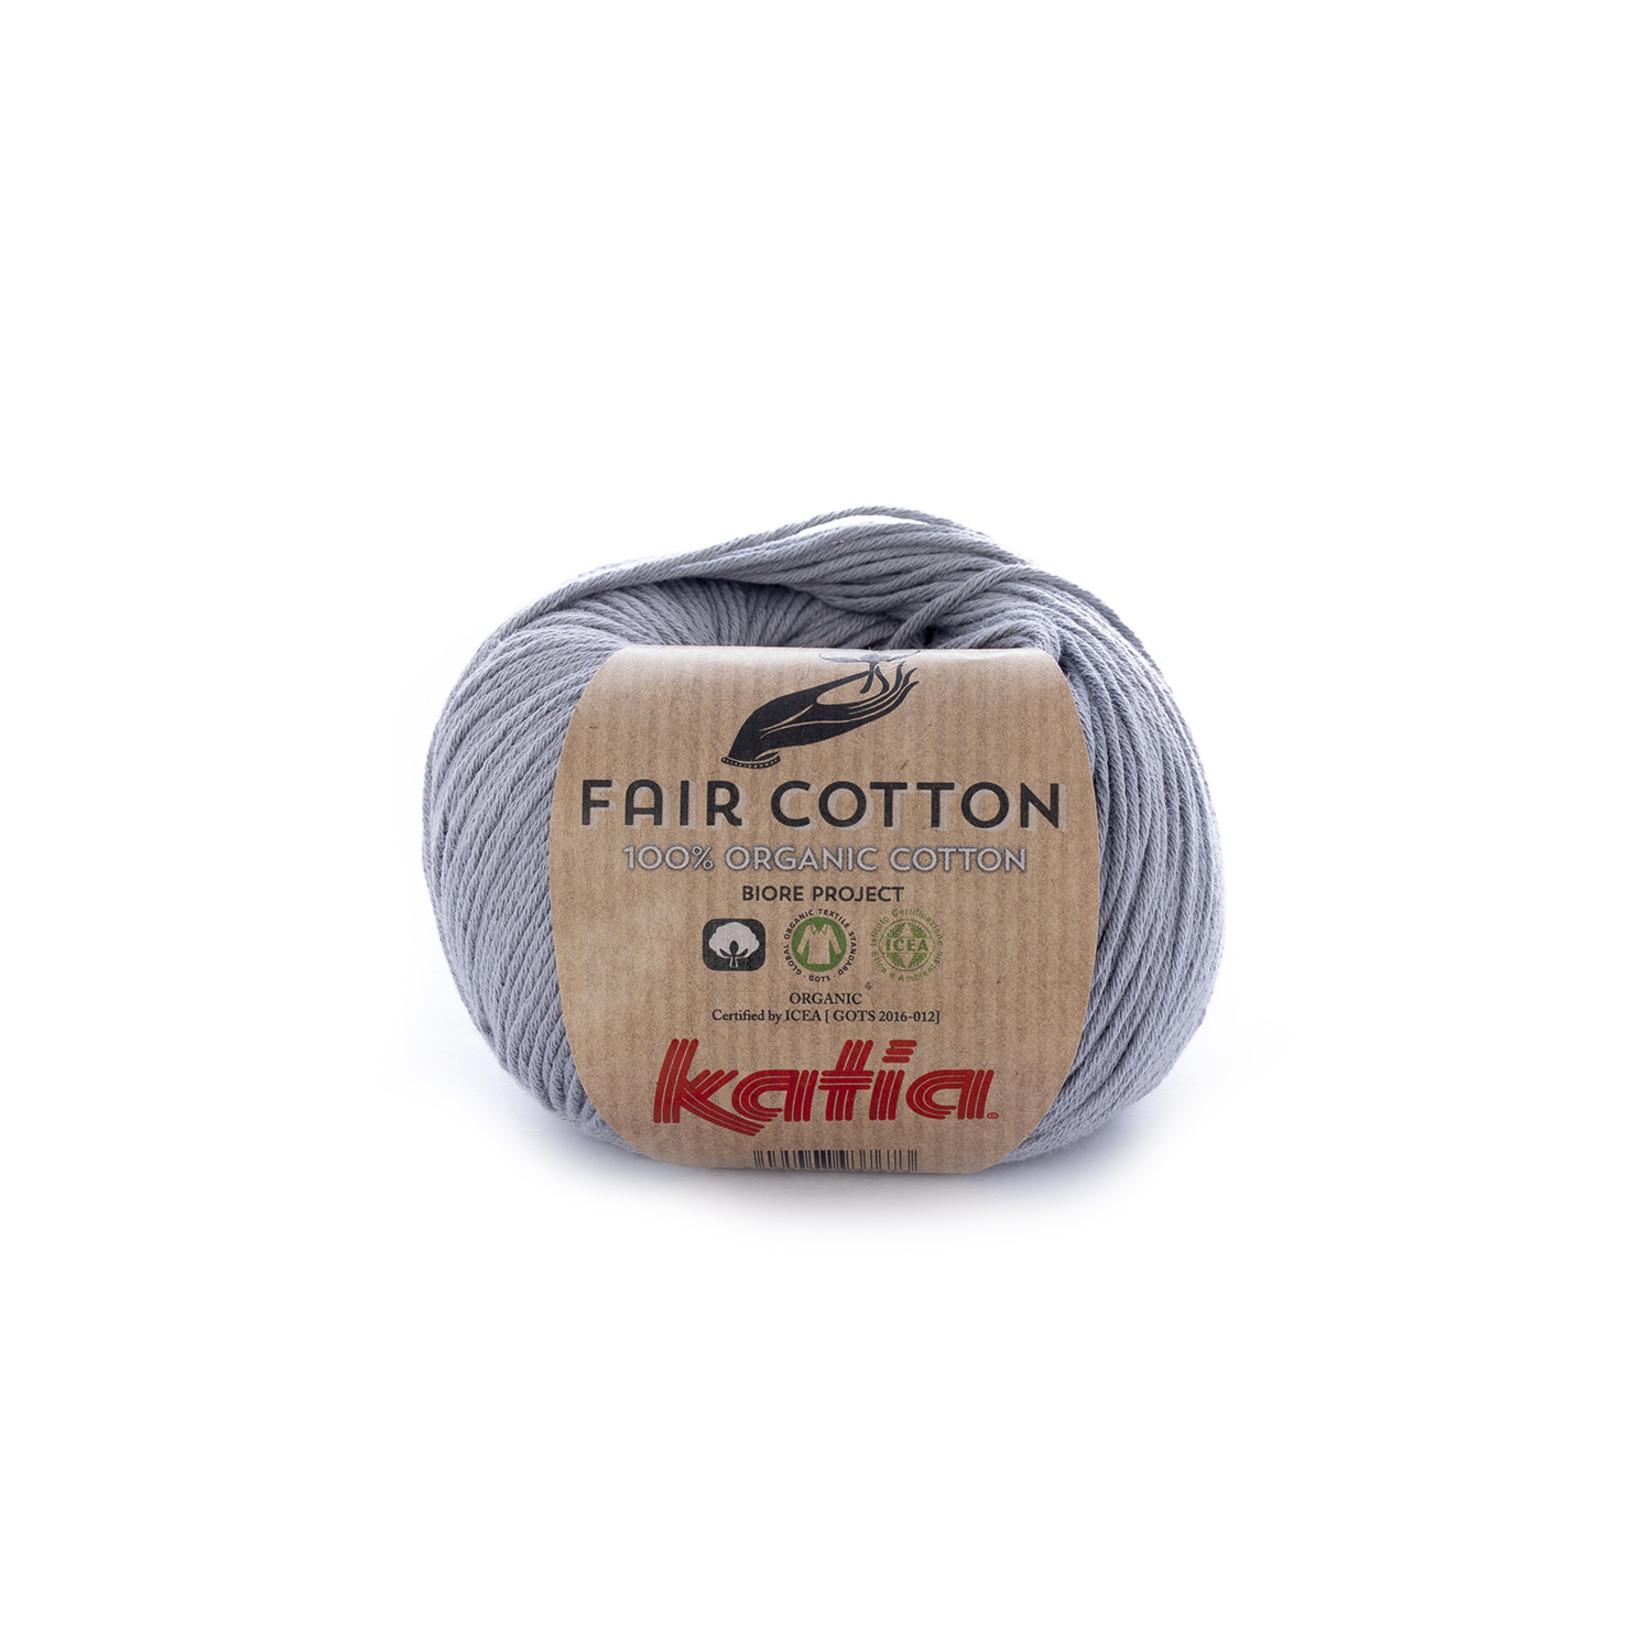 Katia Katia Fair Cotton 26 - medium grijs - 1 bol = 50 gr. = 155 m. - 100% biol. katoen